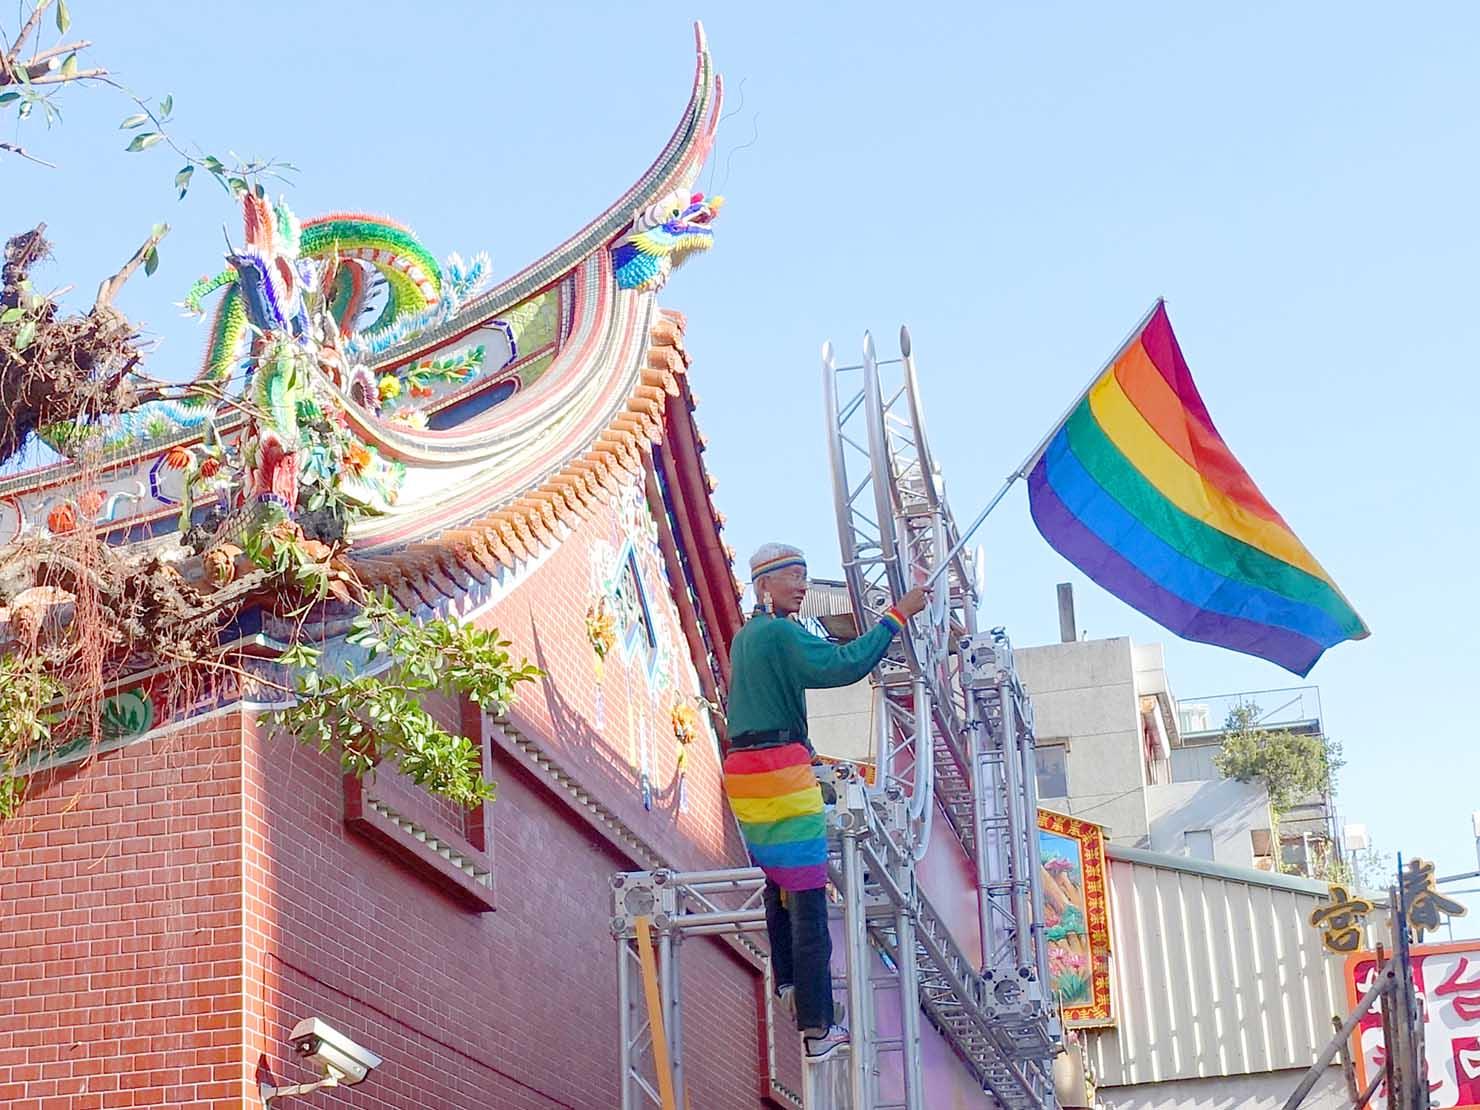 台中同志遊行(台中LGBTプライド)2019のパレードでレインボーフラッグを振る祁家威さん